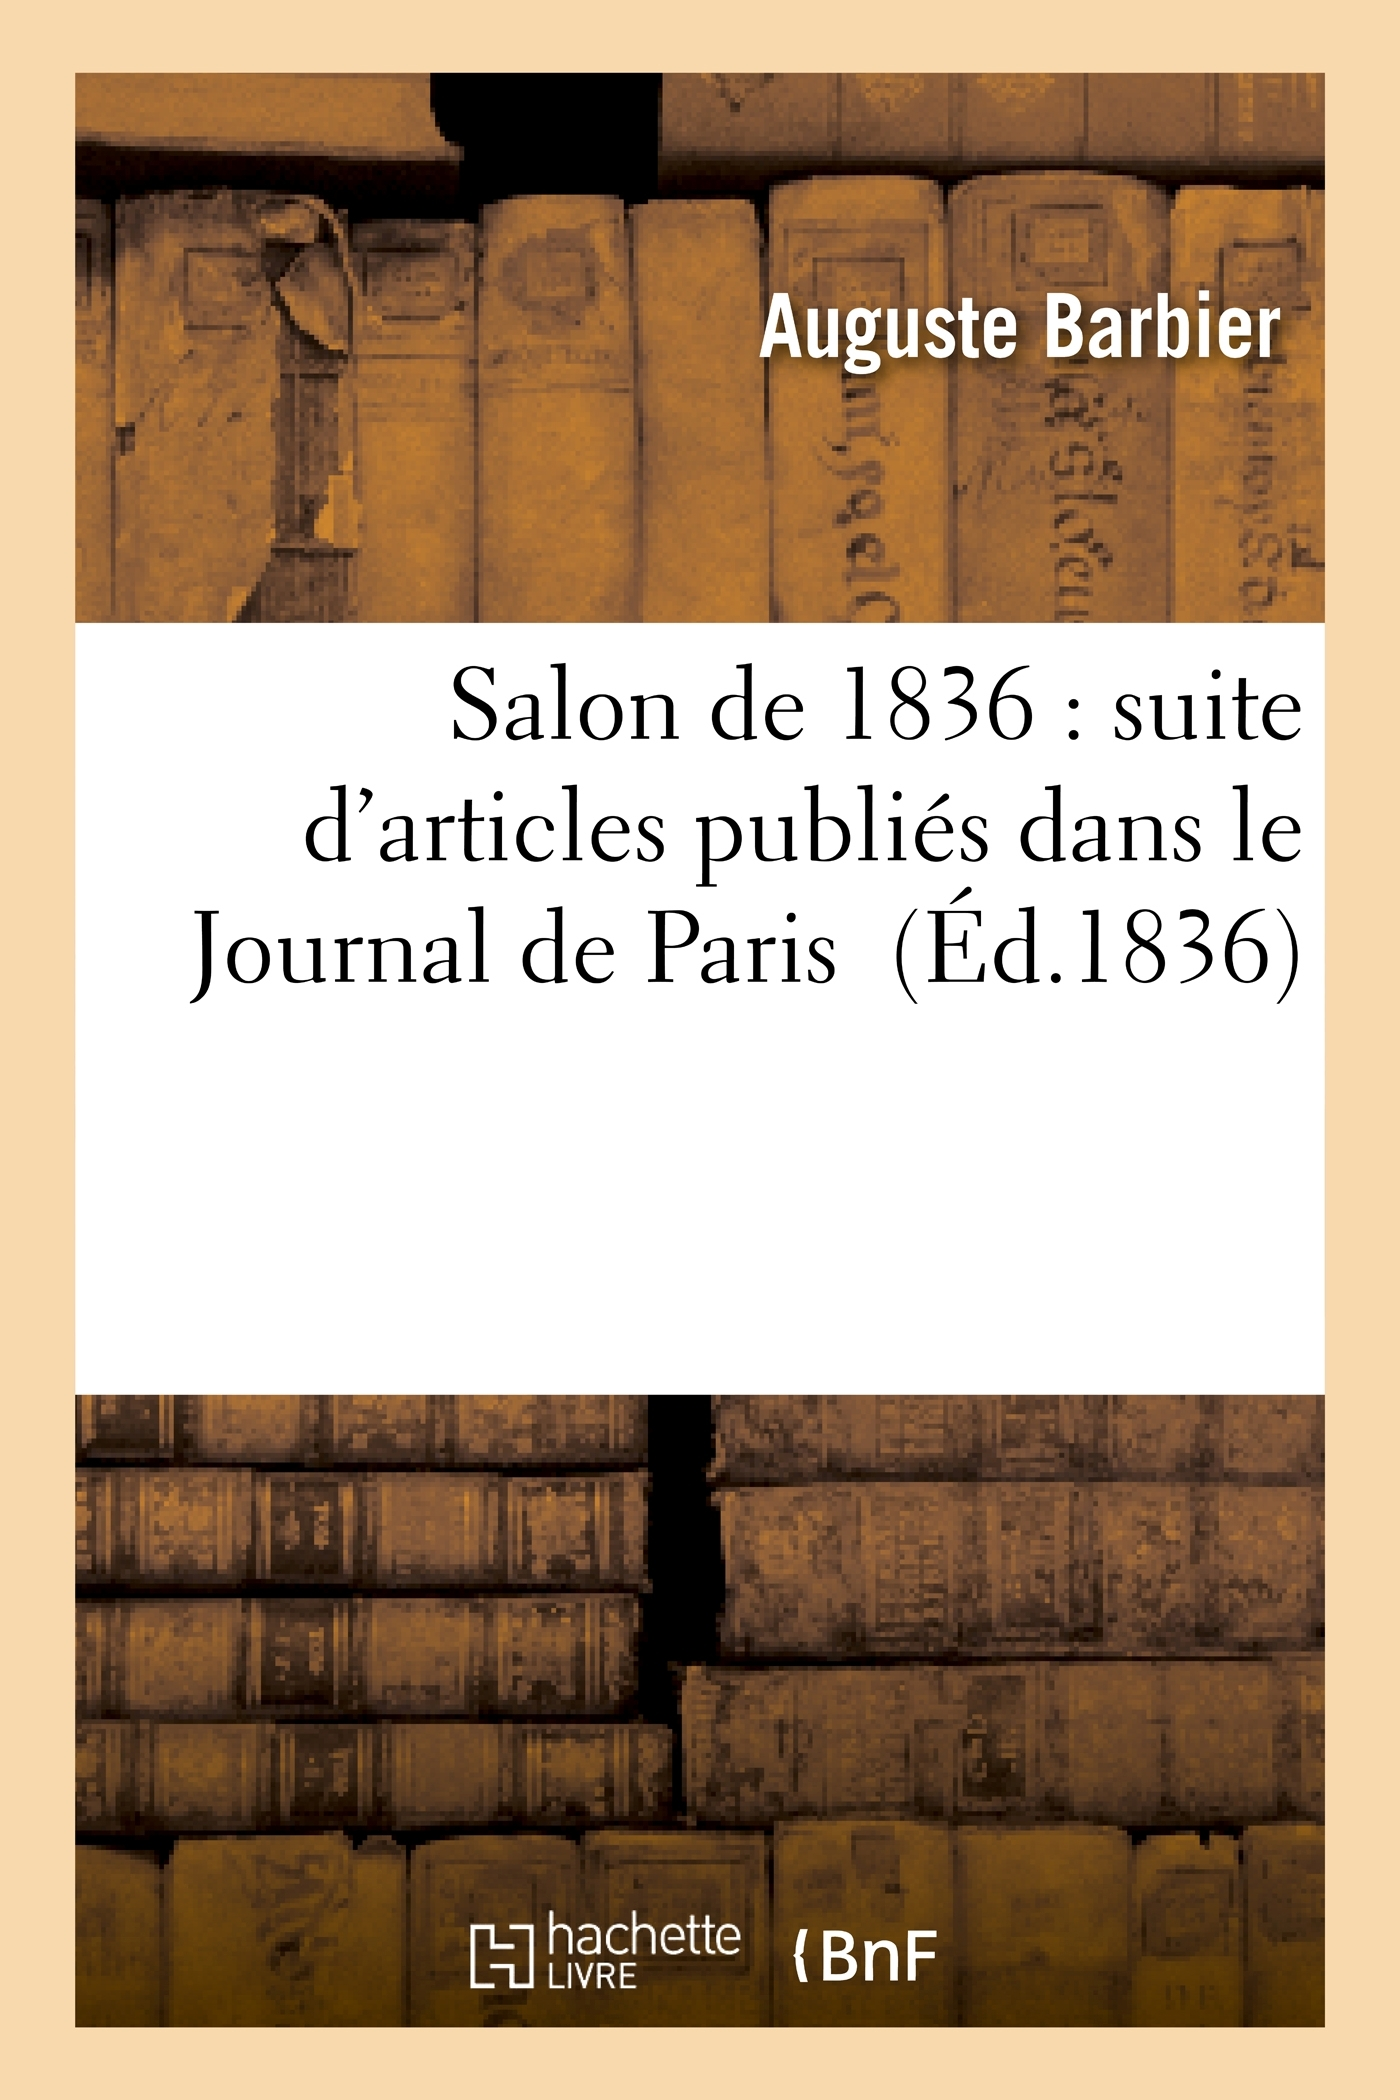 SALON DE 1836 : SUITE D'ARTICLES PUBLIES DANS LE JOURNAL DE PARIS